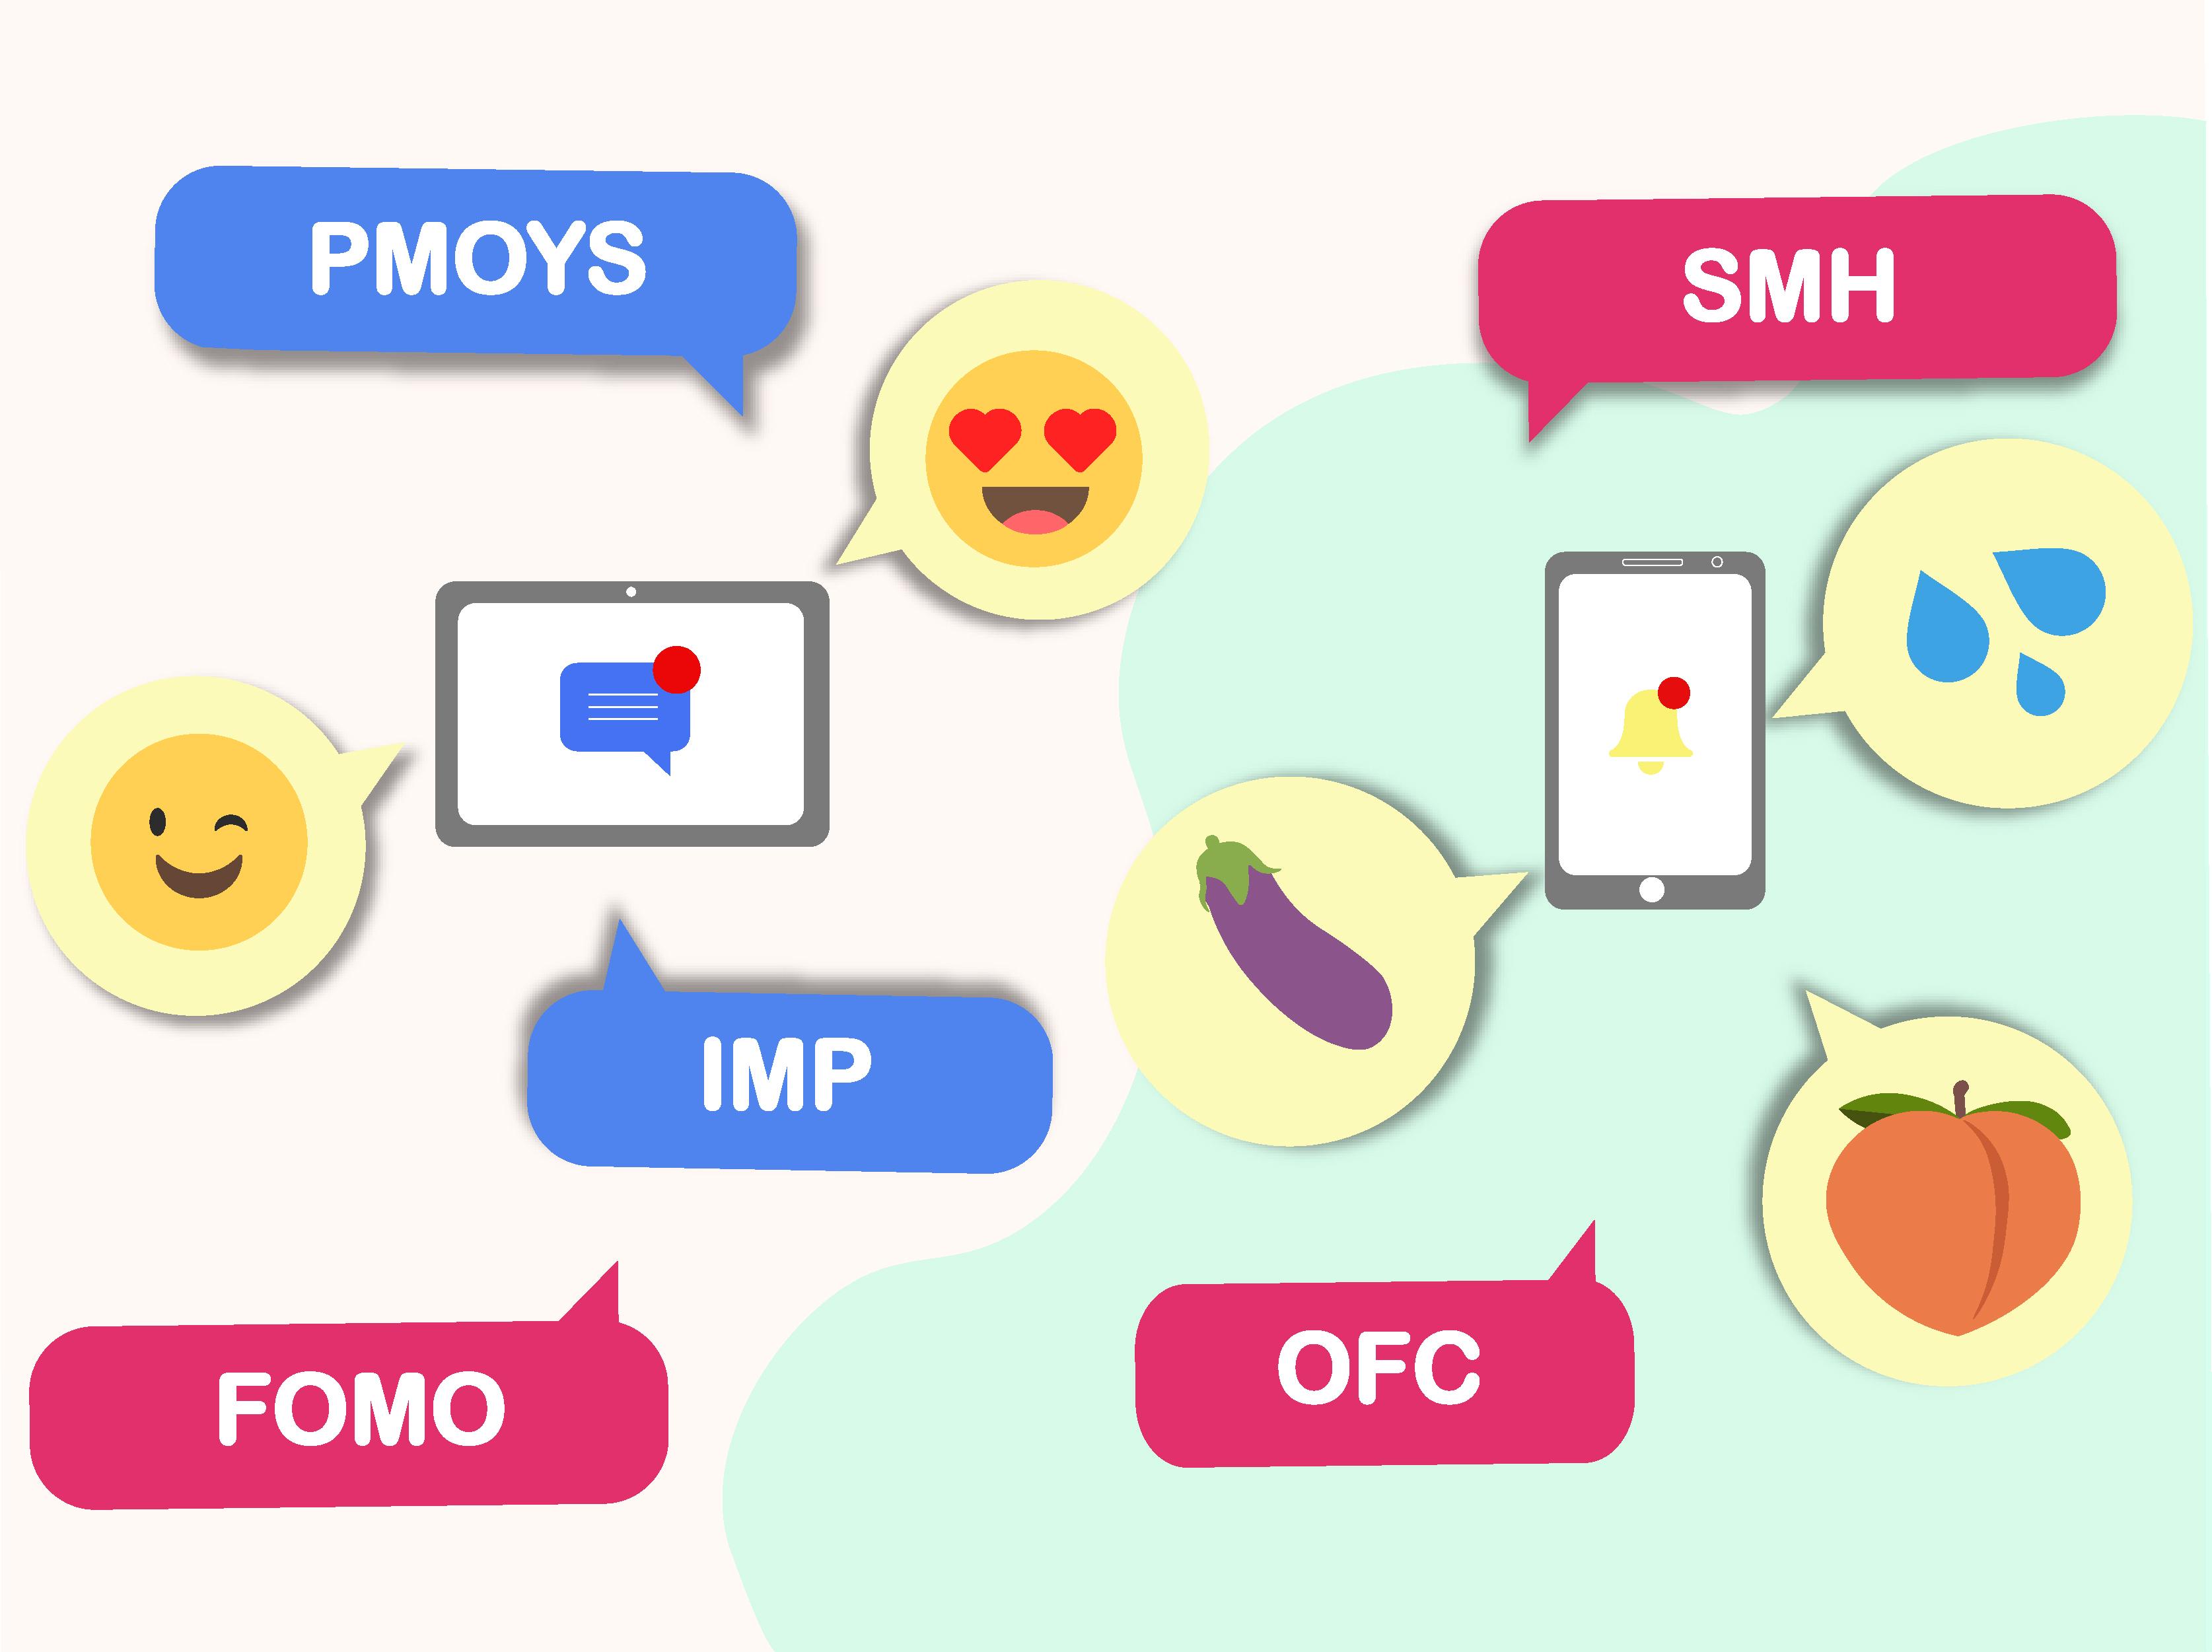 teen texting codes: PMOYS, SMH, OFC, FOMO, emojis